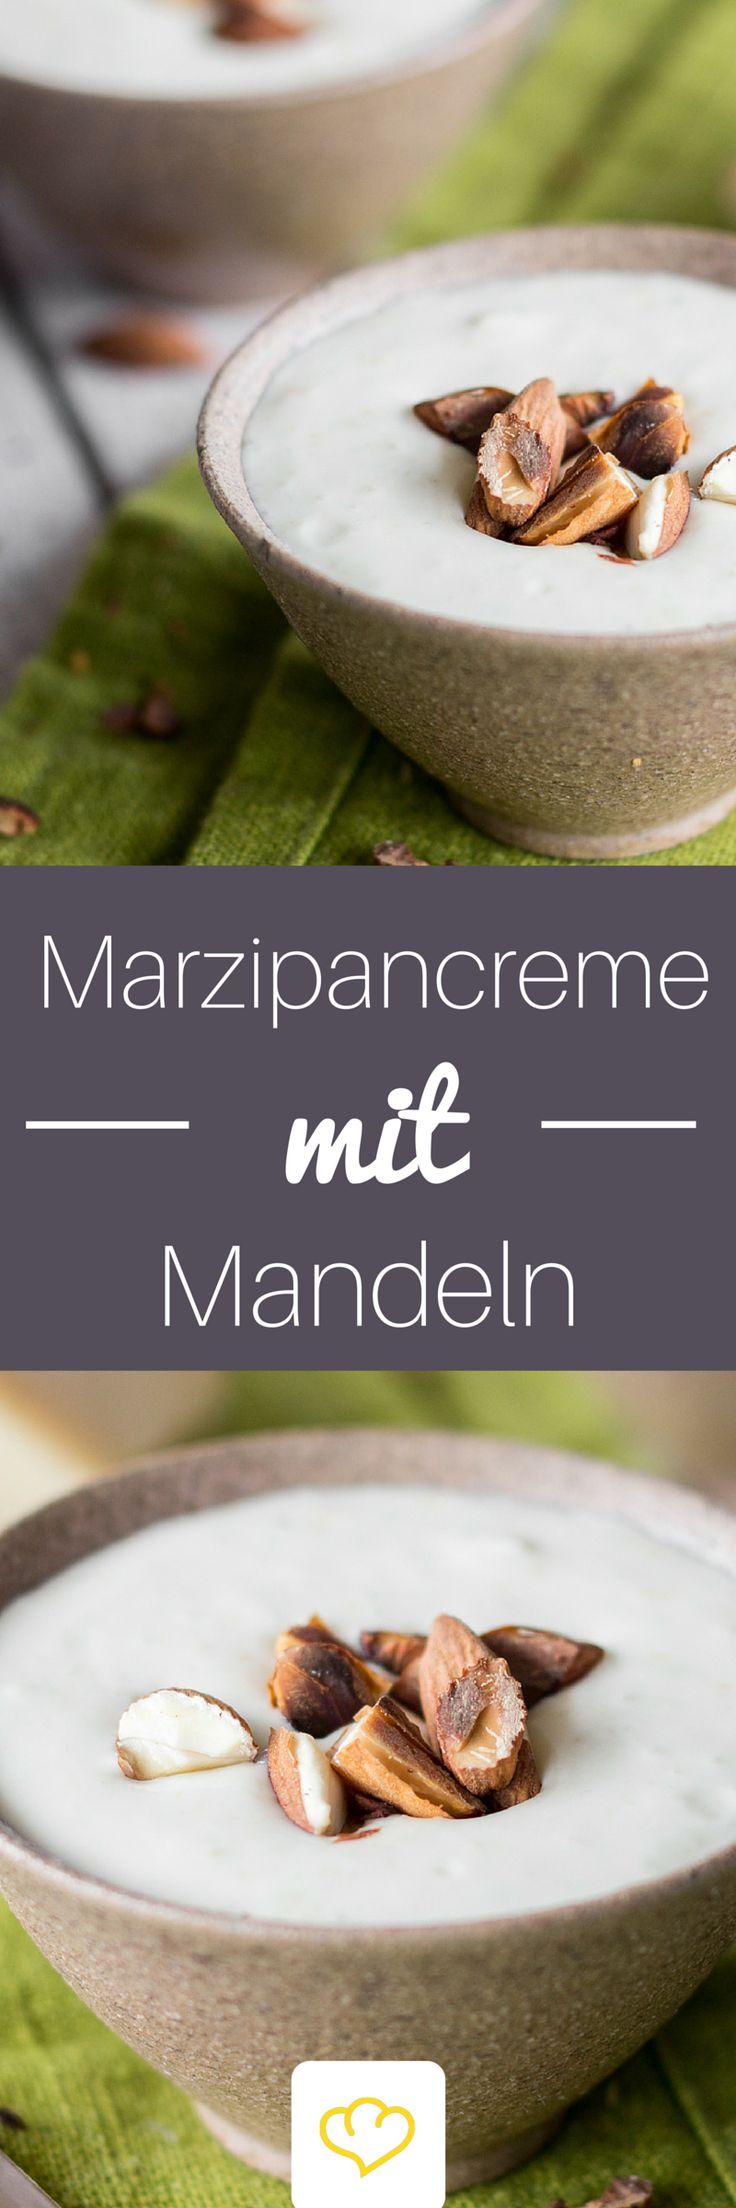 So lässt sich der Winter versüßen - feiner Marzipan, frische Orange und milde Mascarpone vereinen sich zu einer cremigen Nascherei, die dir auf der Zunge zergeht. Die exotische Tonkabohne verleiht dem Dessert eine dezente Vanillenote.